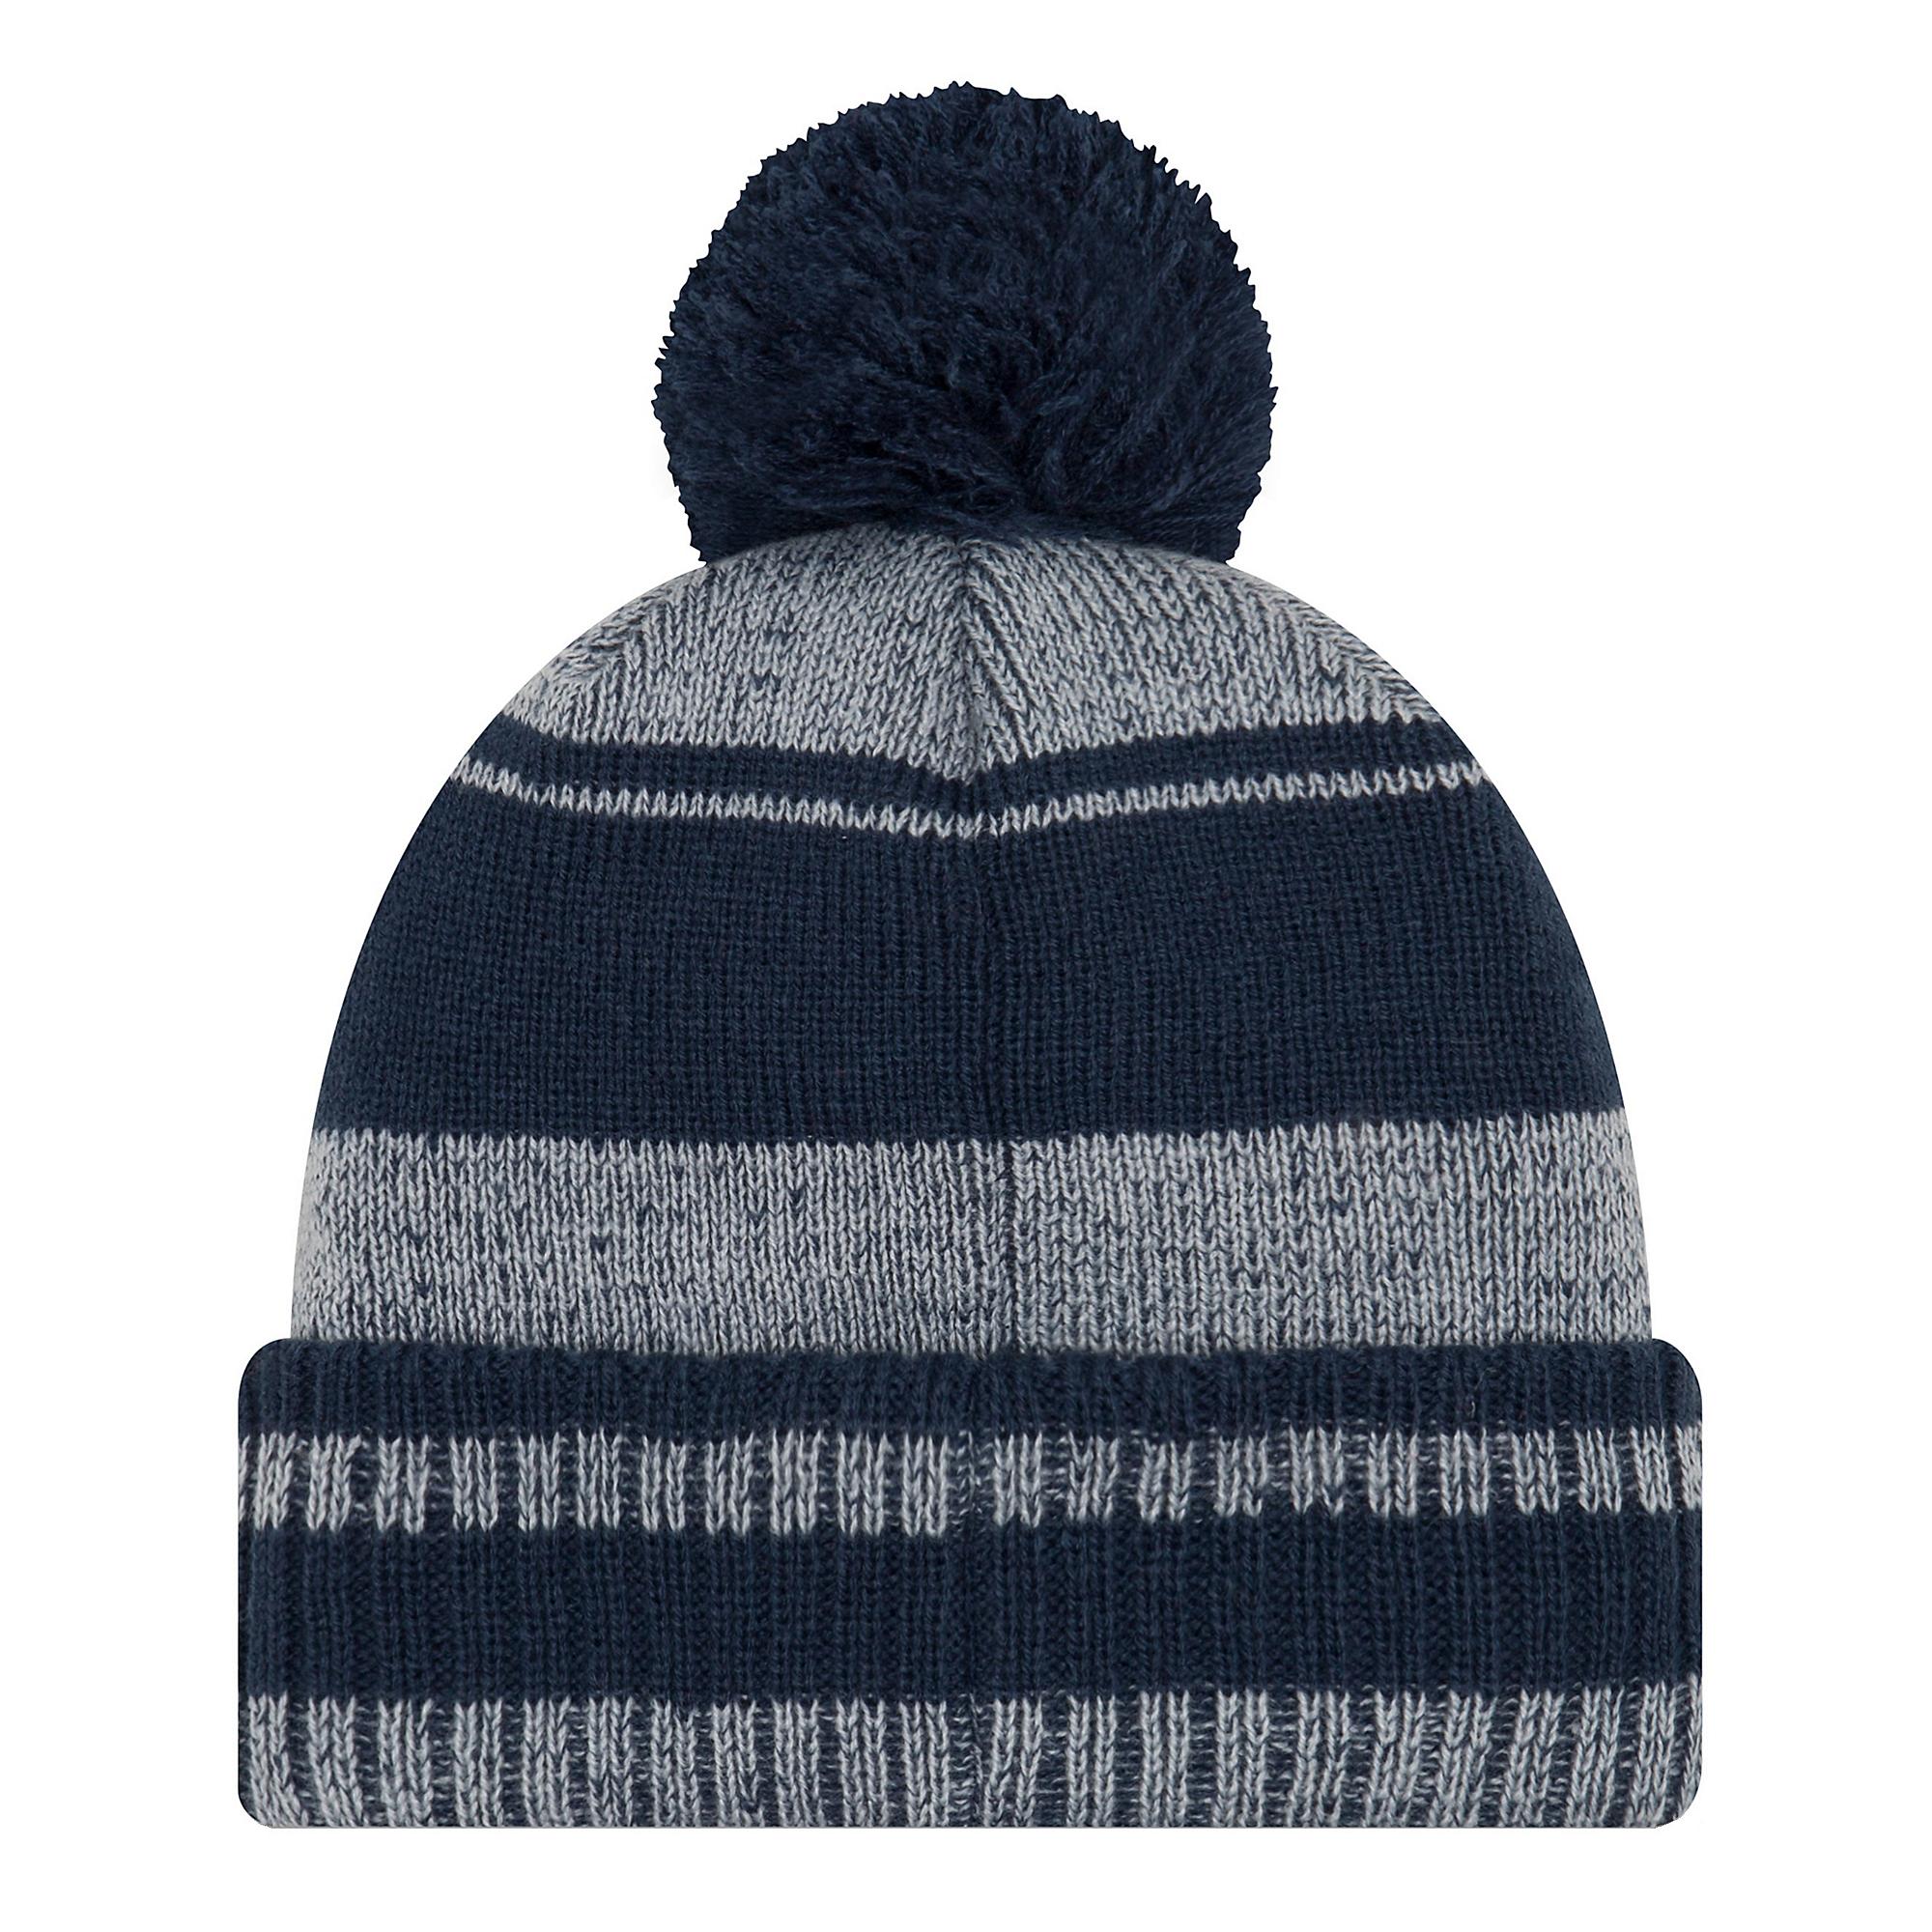 df80fc226 Dallas Cowboys New Era Glacial Pom Knit Hat | Dallas Cowboys Pro Shop